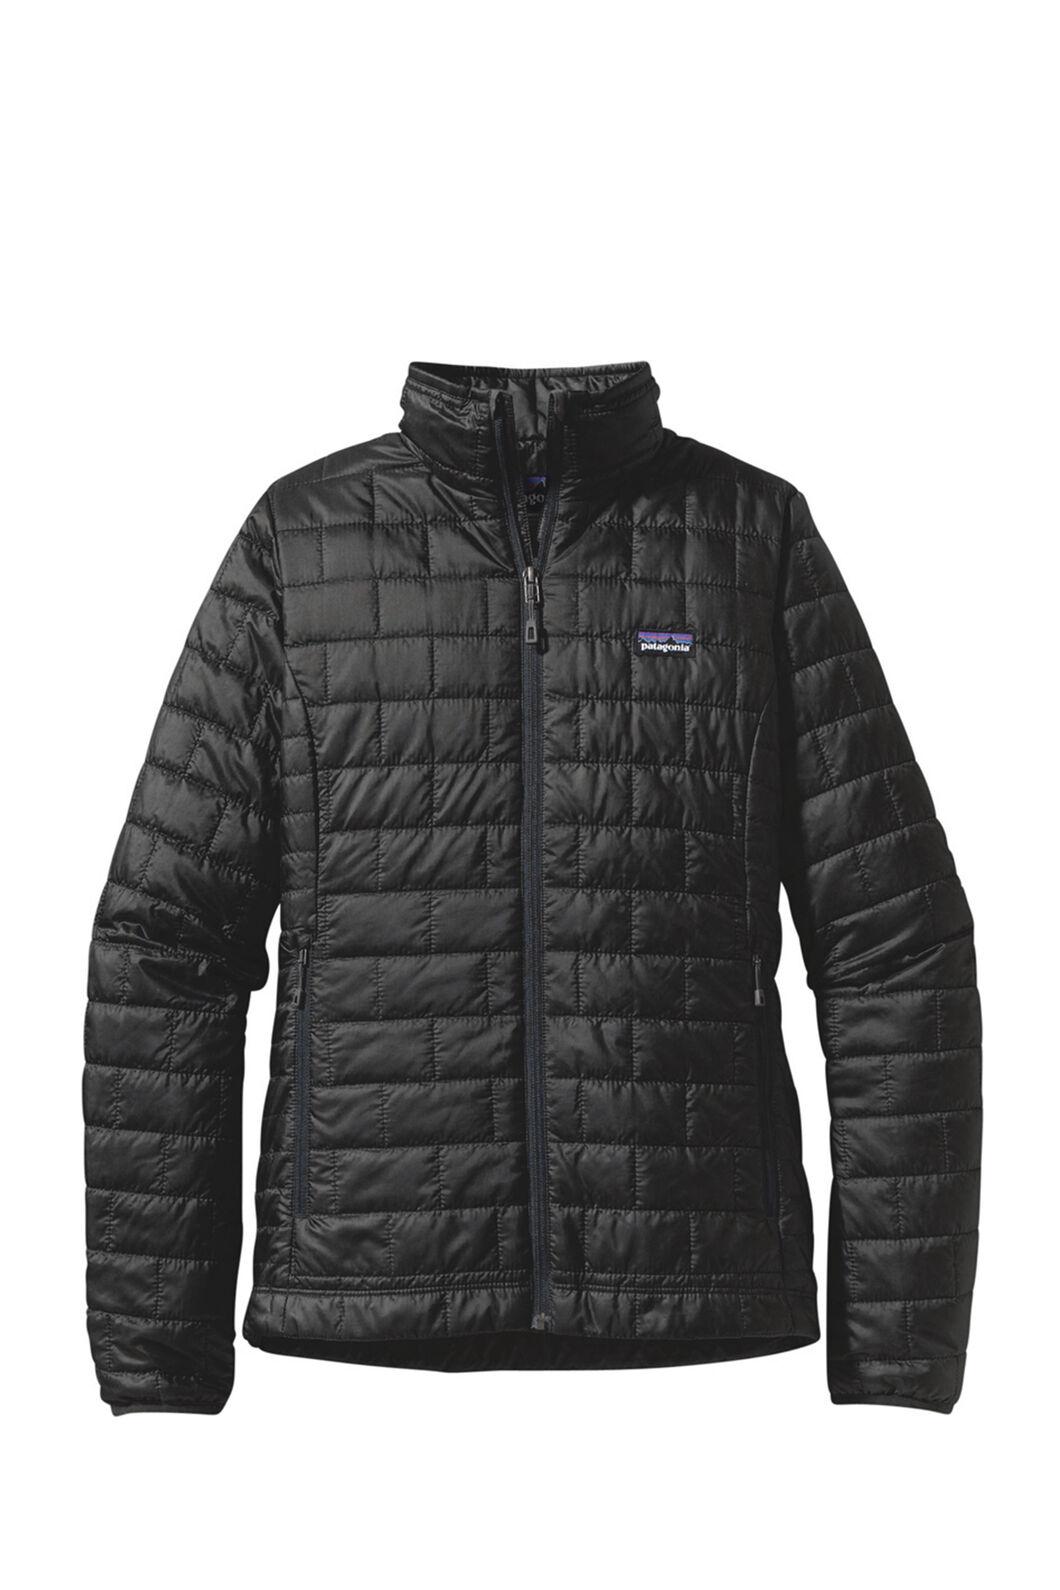 Patagonia Nano Puff Jacket — Women's, Black, hi-res